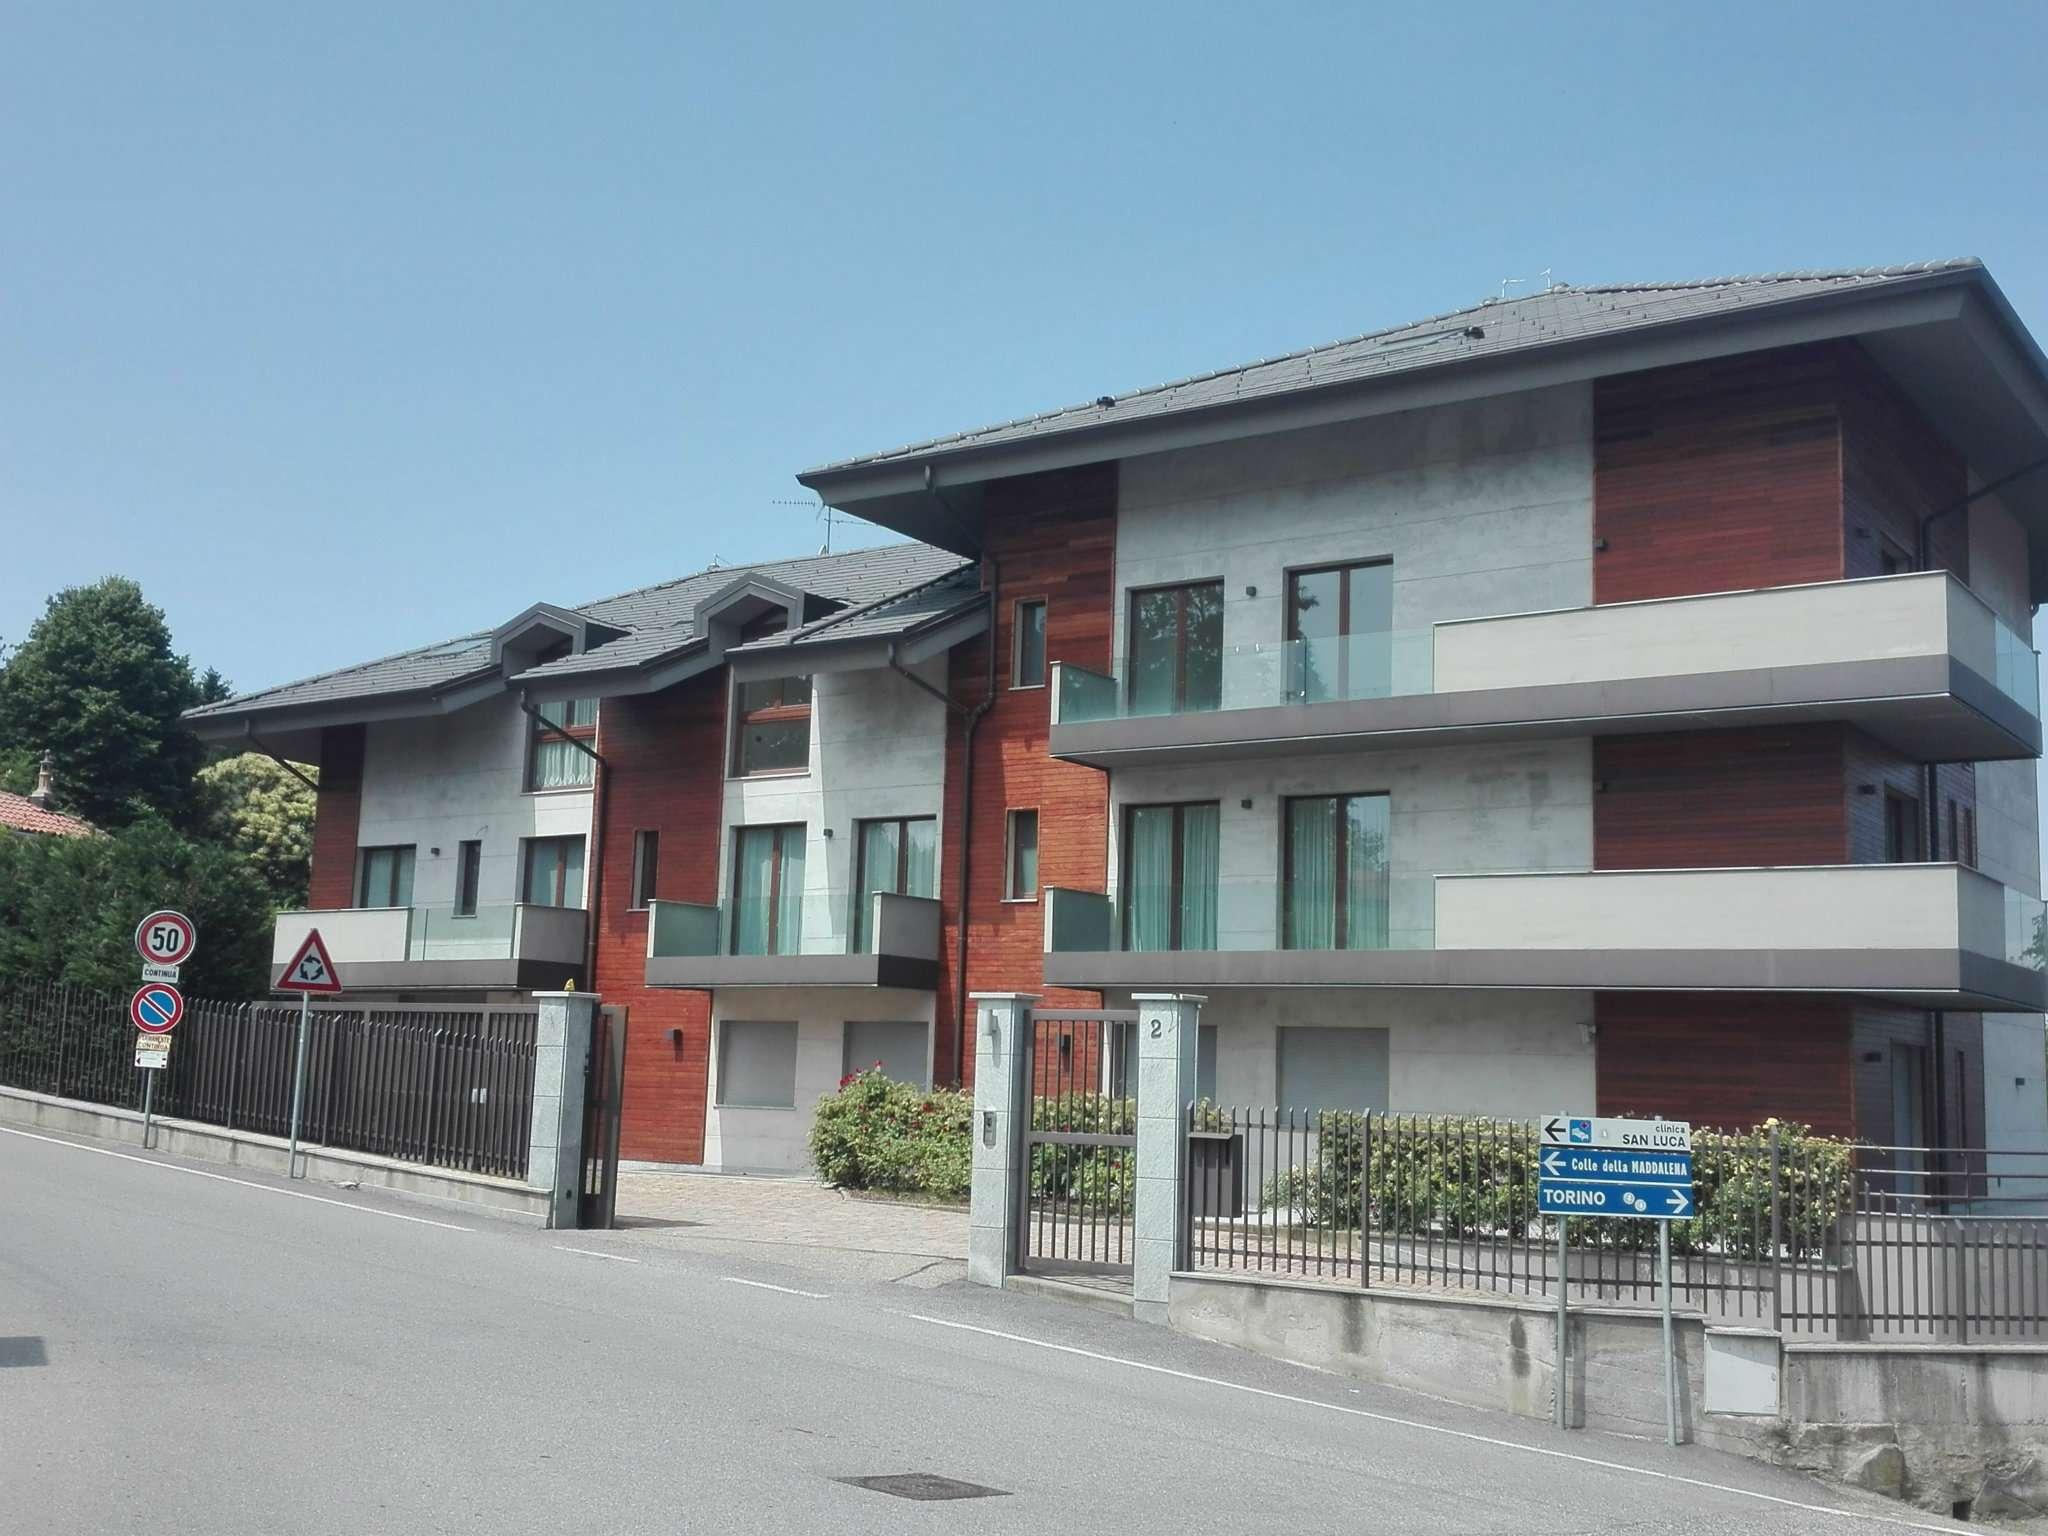 Appartamento in vendita a Pecetto Torinese, 5 locali, prezzo € 585.000 | CambioCasa.it